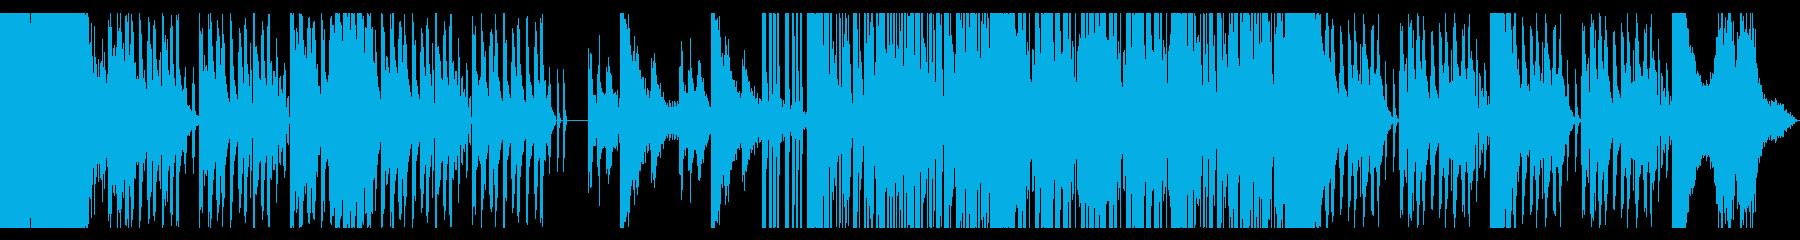 地下室・異空間 力強く迫力のあるEDMの再生済みの波形